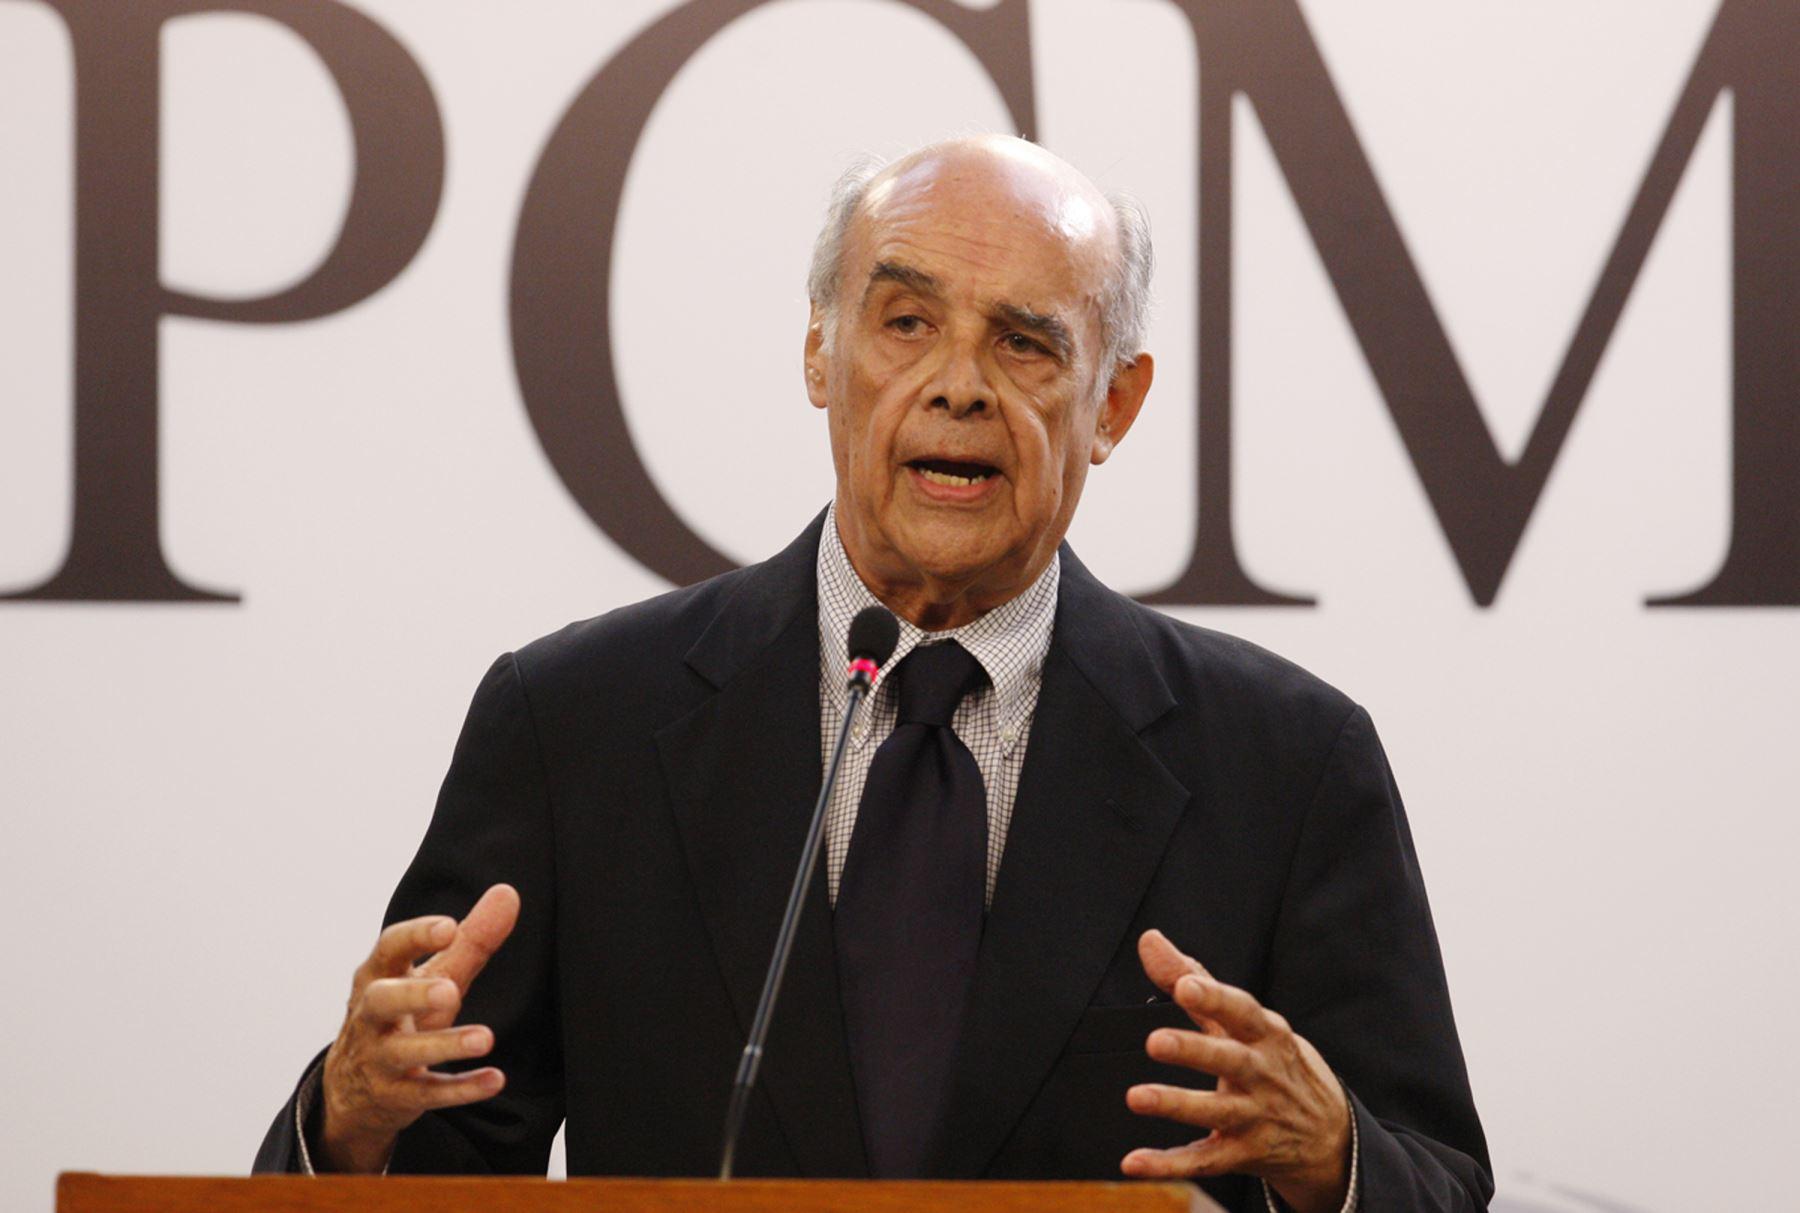 Canciller peruano Ricardo Luna, en conferencia de prensa, al termino de Coinsejo de Ministros. ANDINA/Eddy Ramos